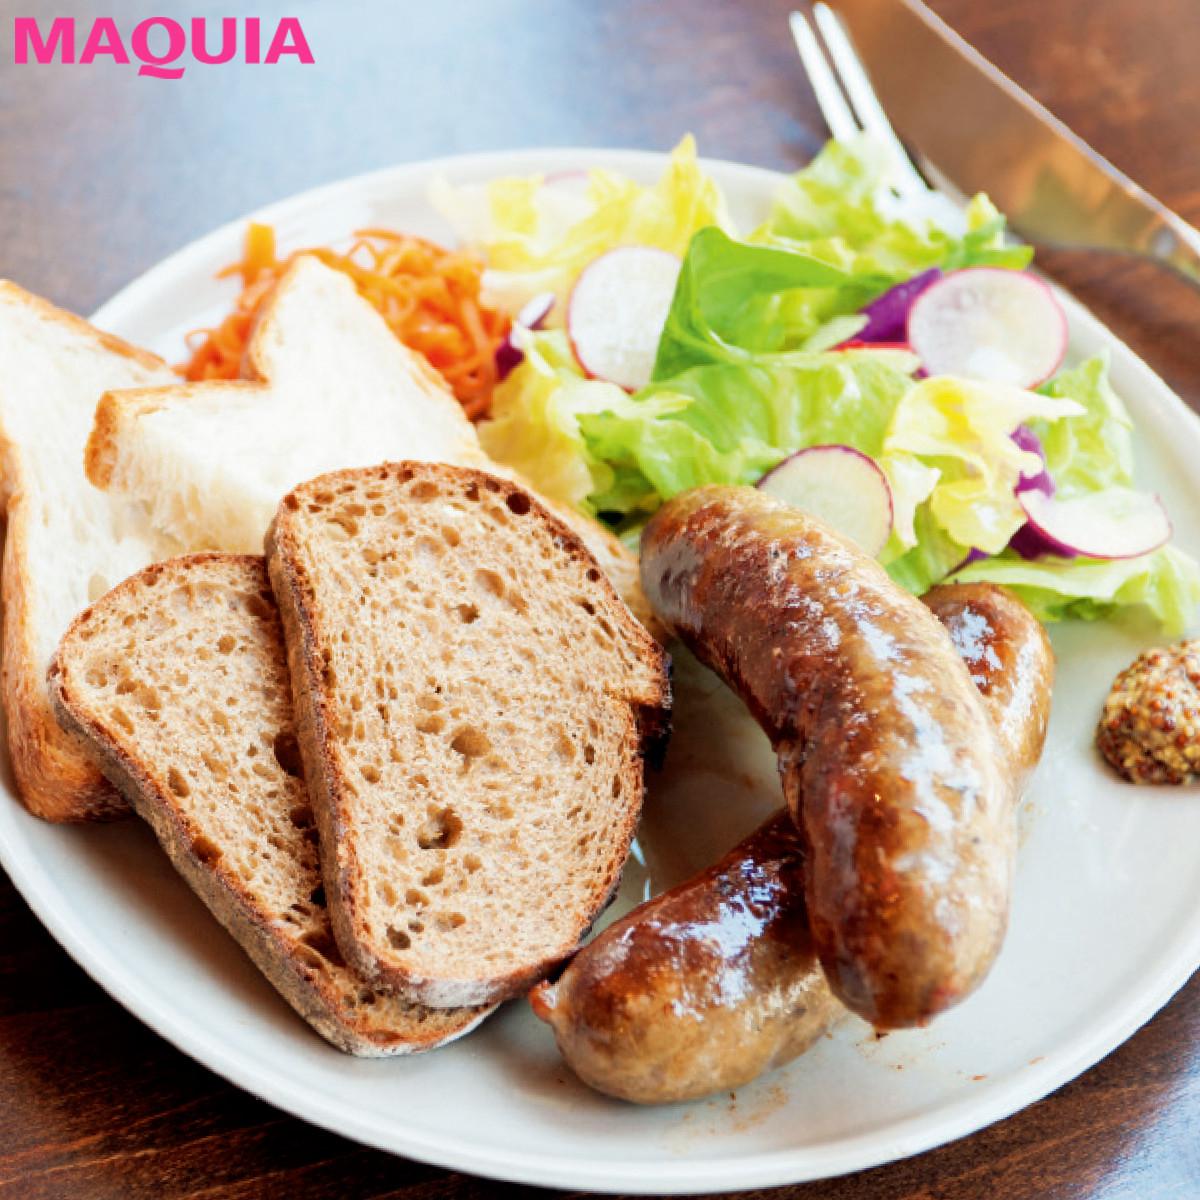 「かき氷」も楽しめる絶品パン屋さん「nukumuku」が三軒茶屋に!